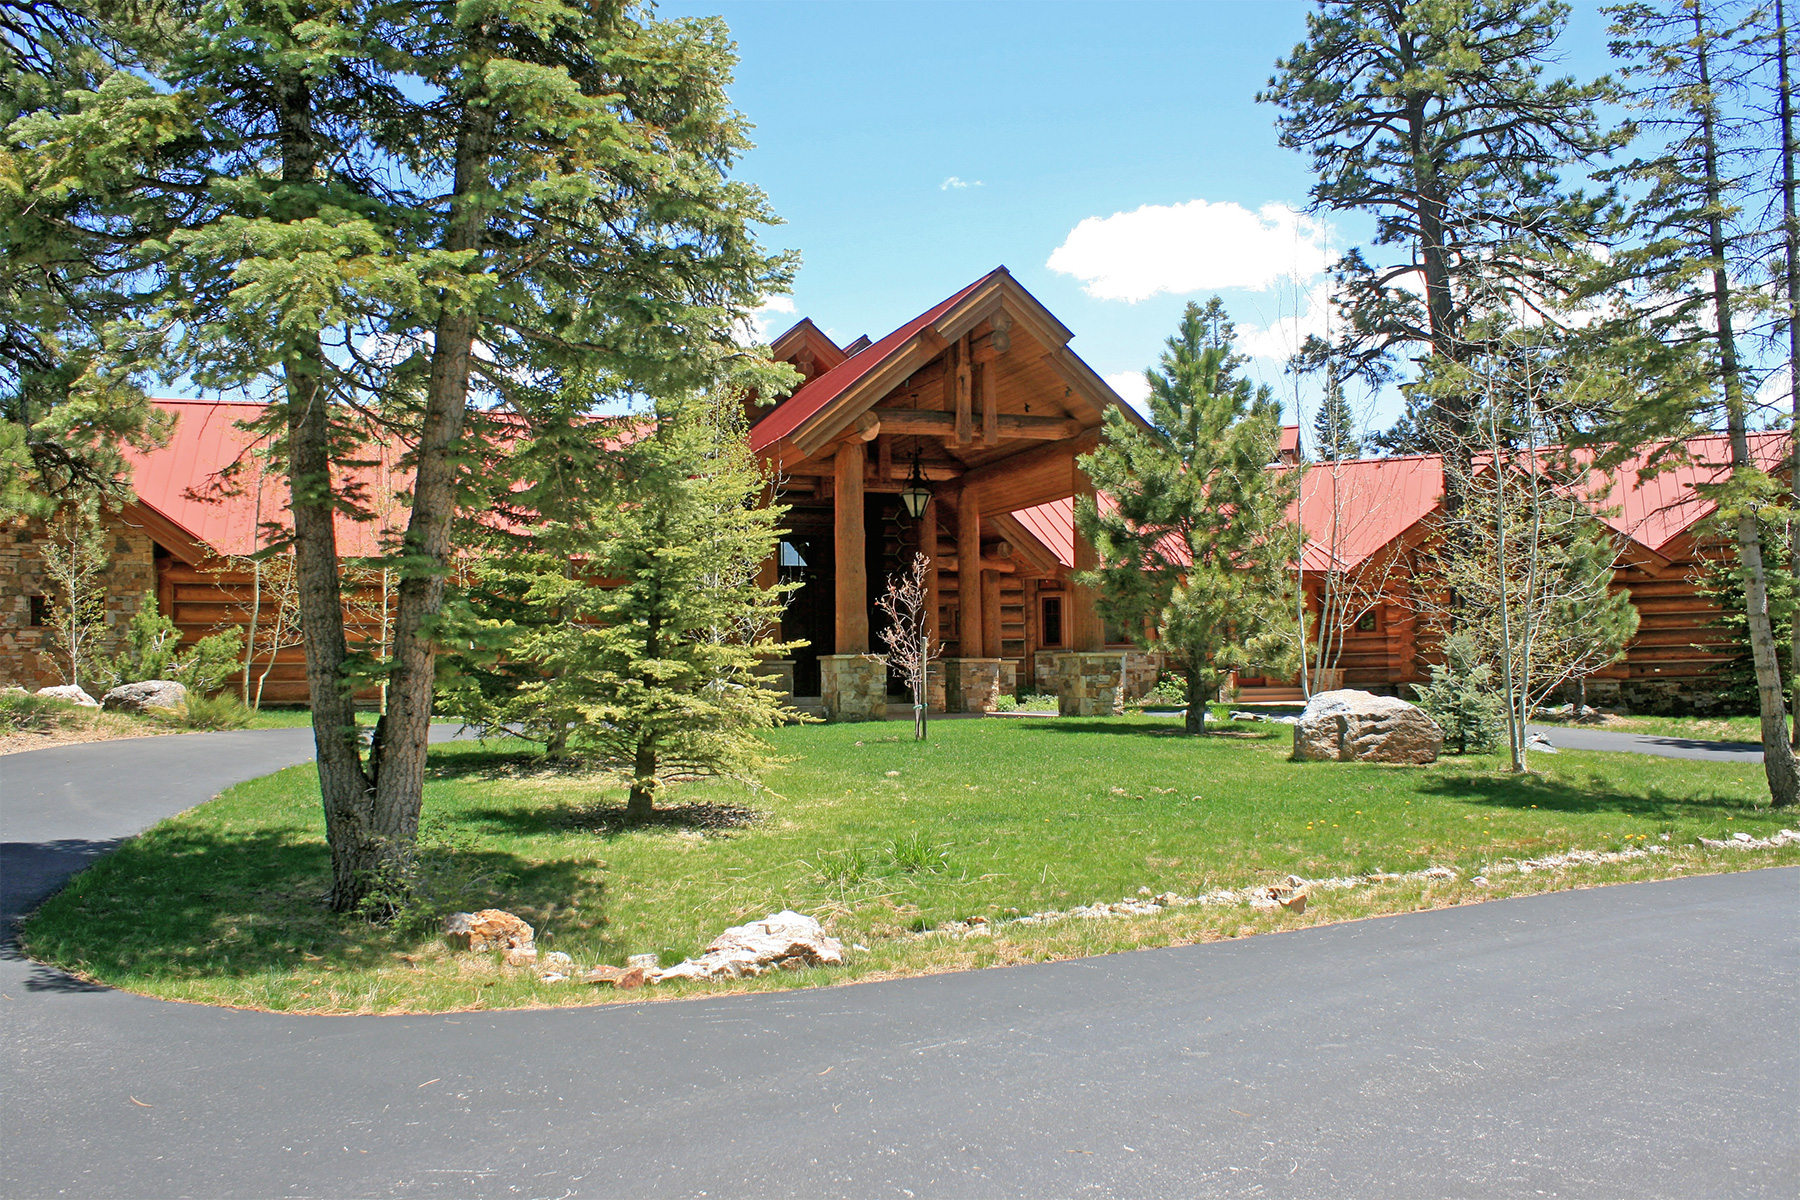 Casa Unifamiliar por un Venta en 421 S Windom Way Durango, Colorado 81301 Estados Unidos